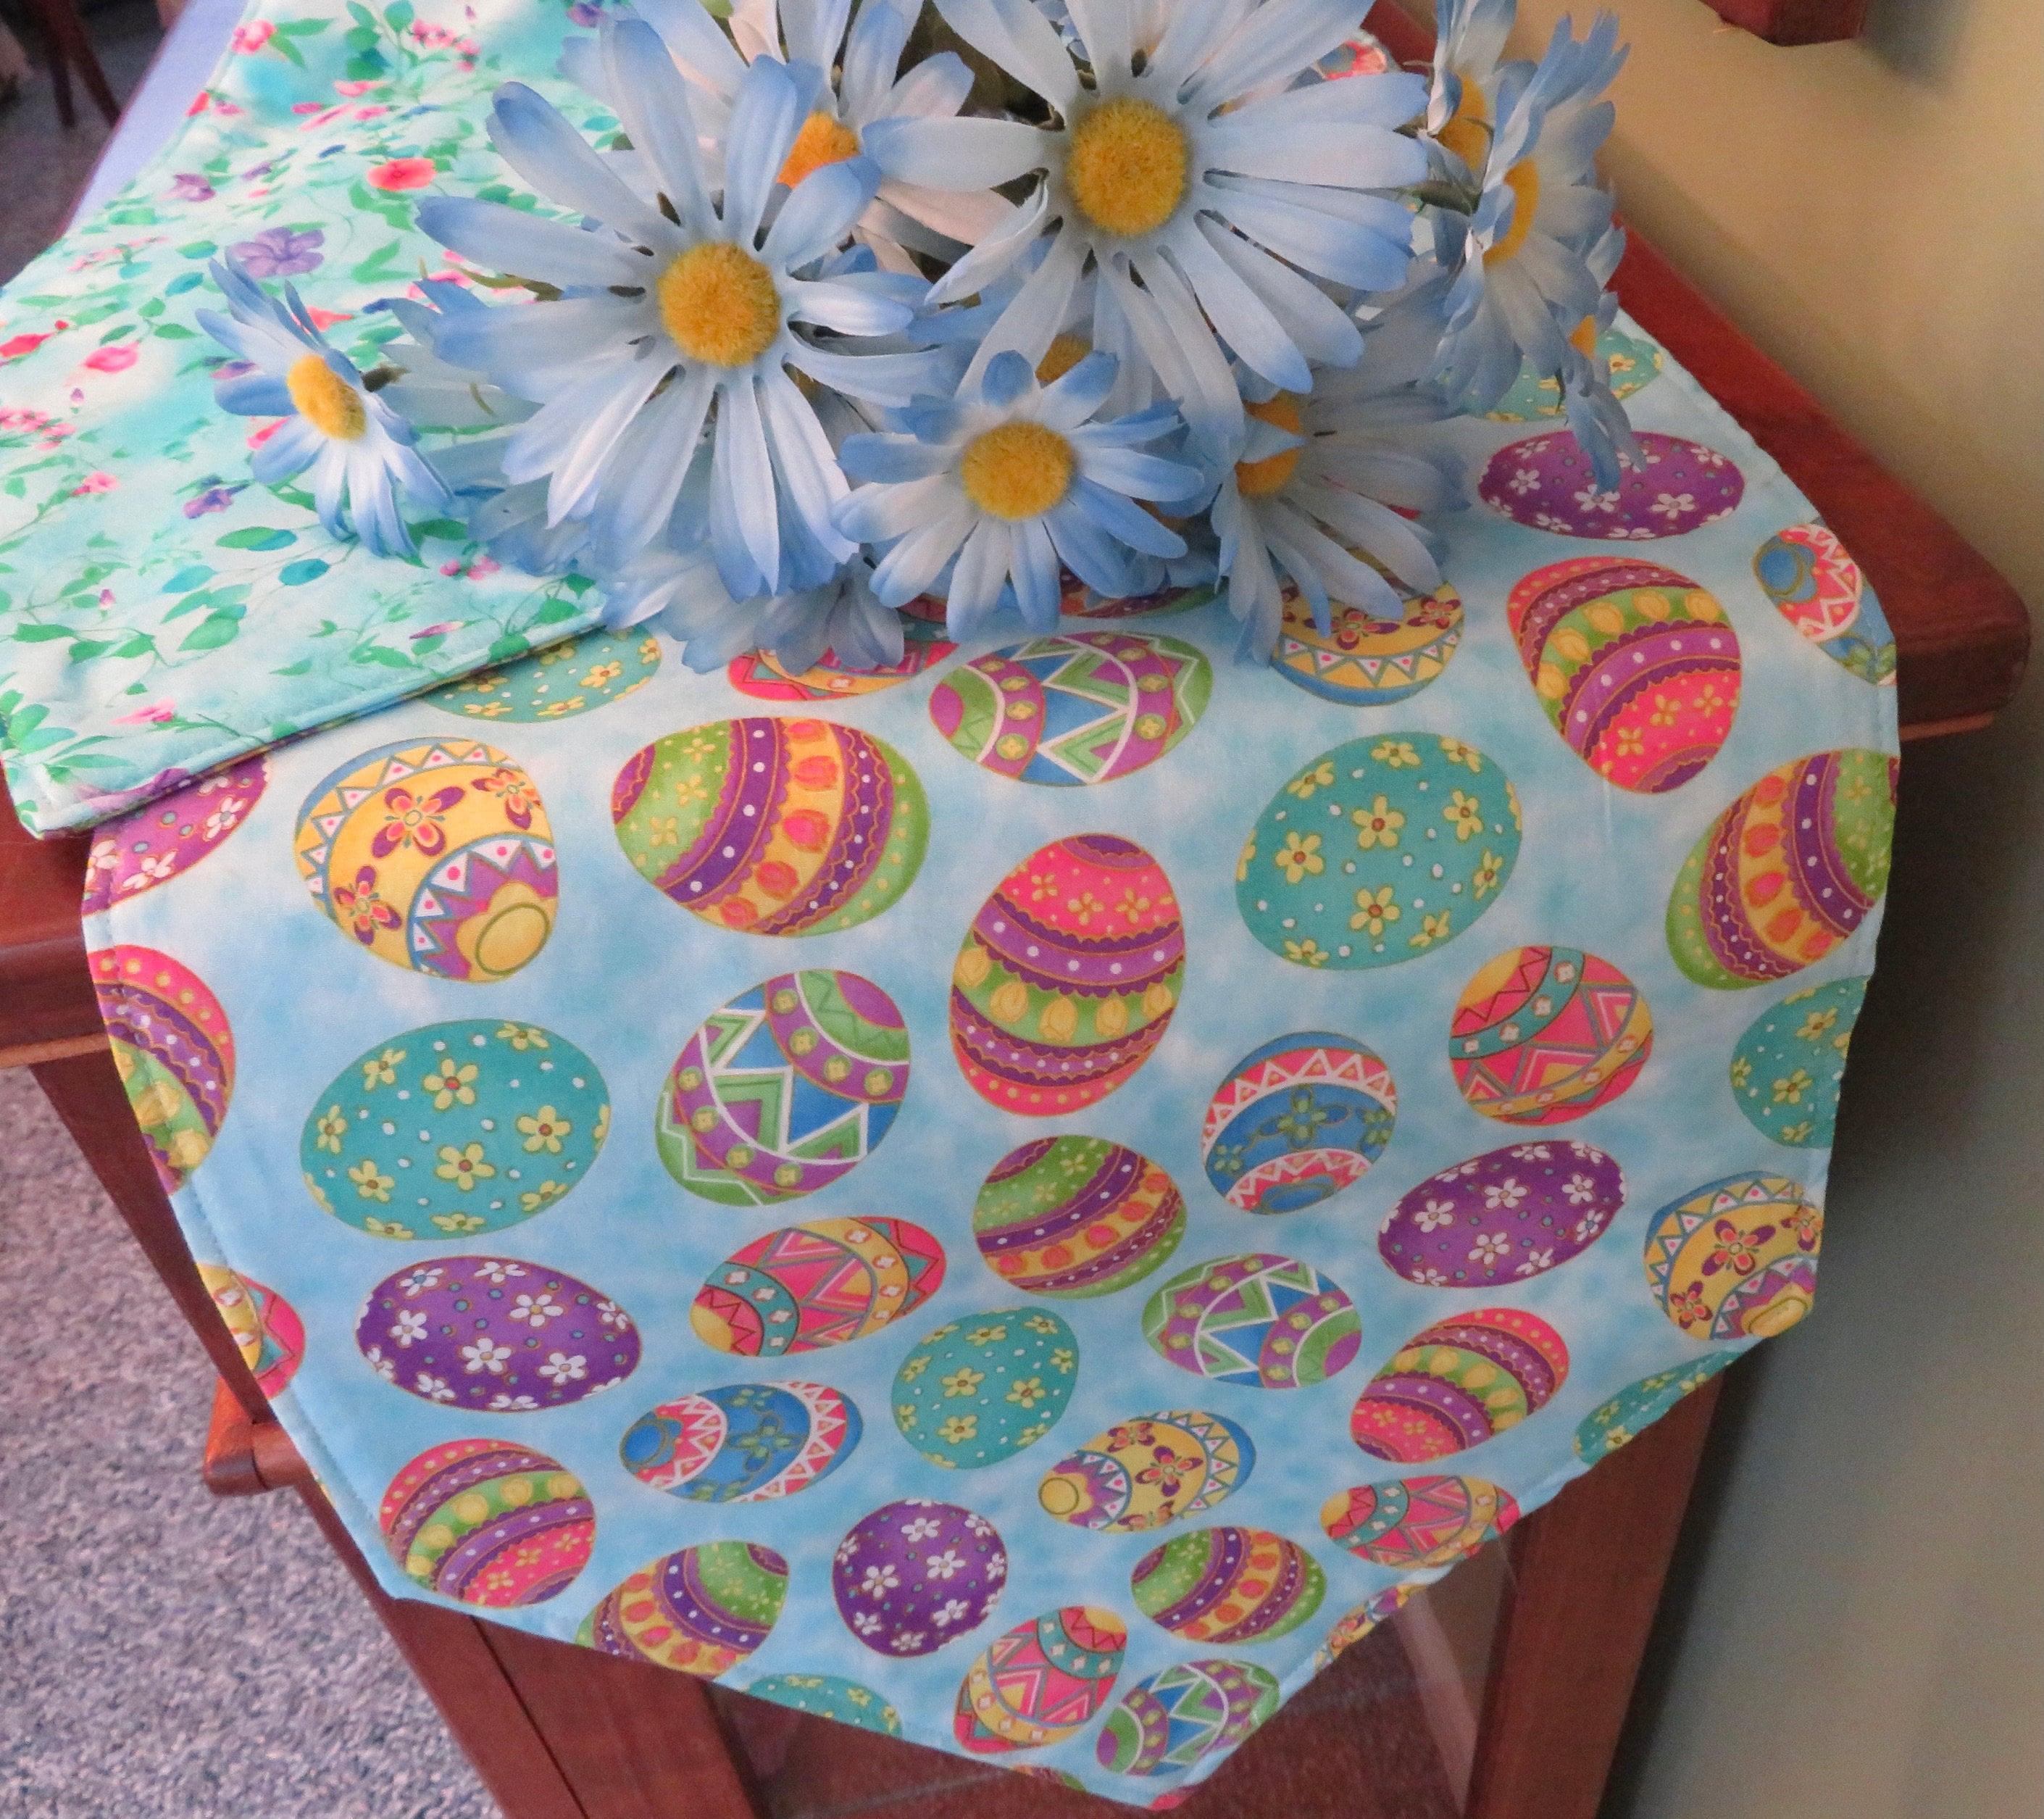 Purple Star Wars colorful Easter Eggs  Handmade Easter Table Runner